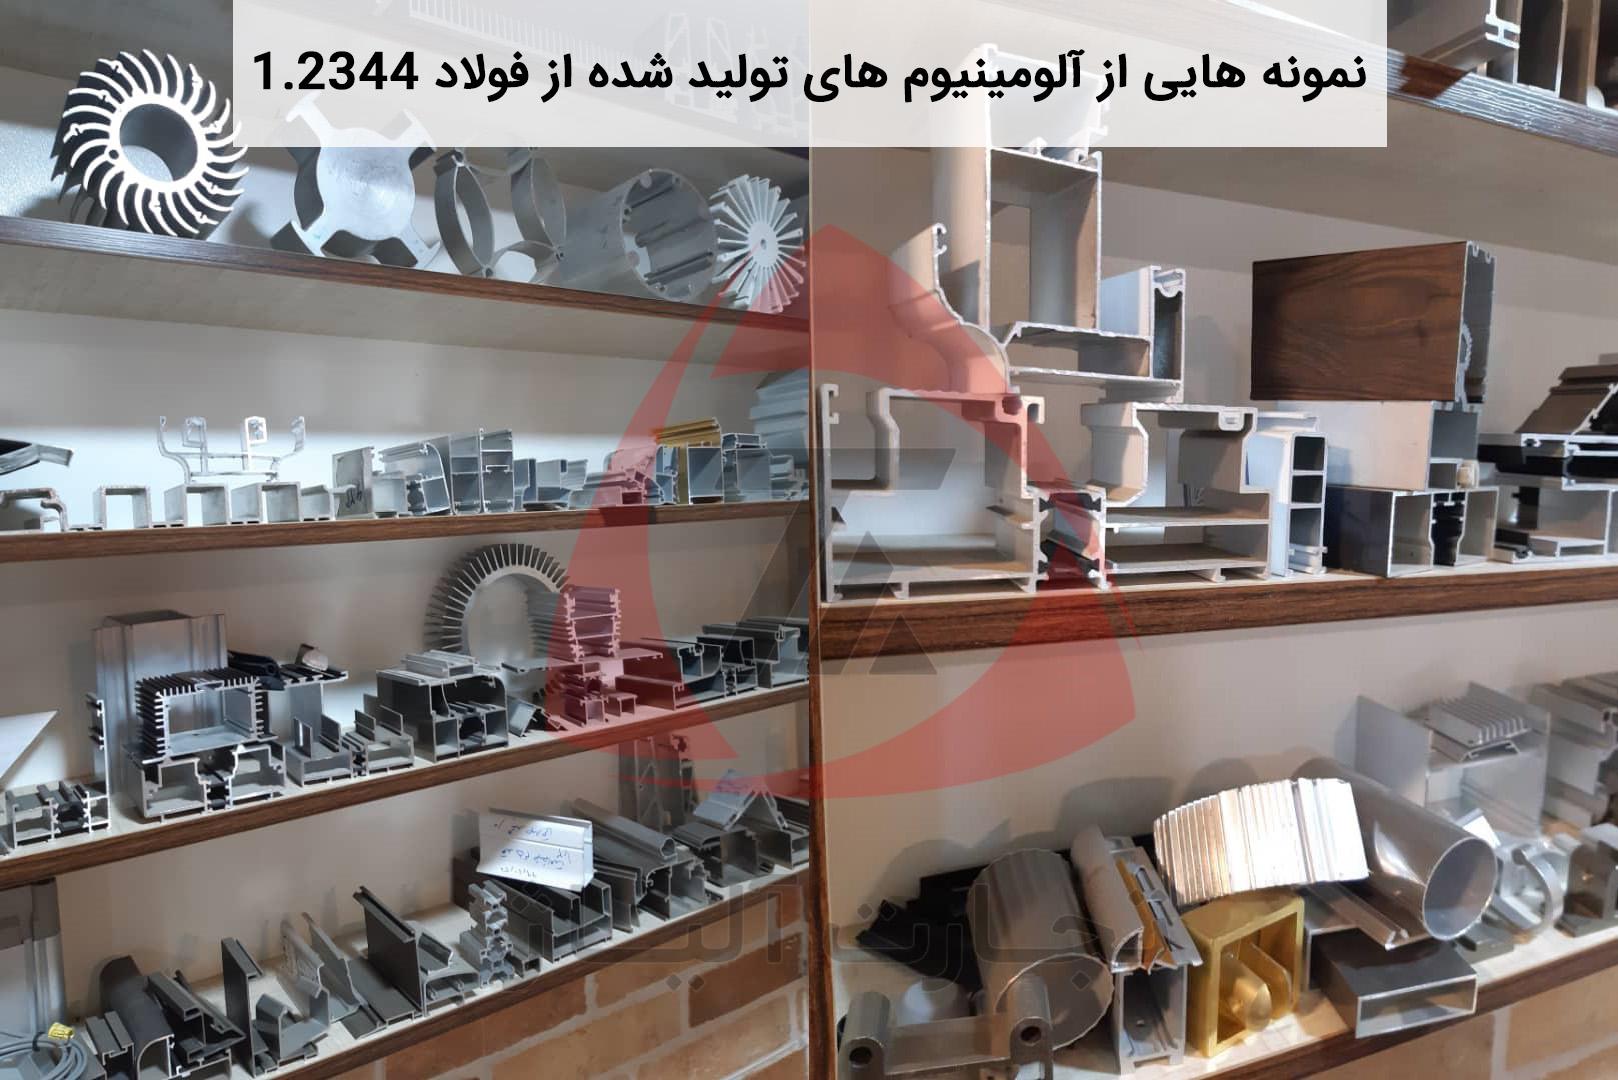 قطعات آلومینیومی تولیدی با فولاد 1.2344